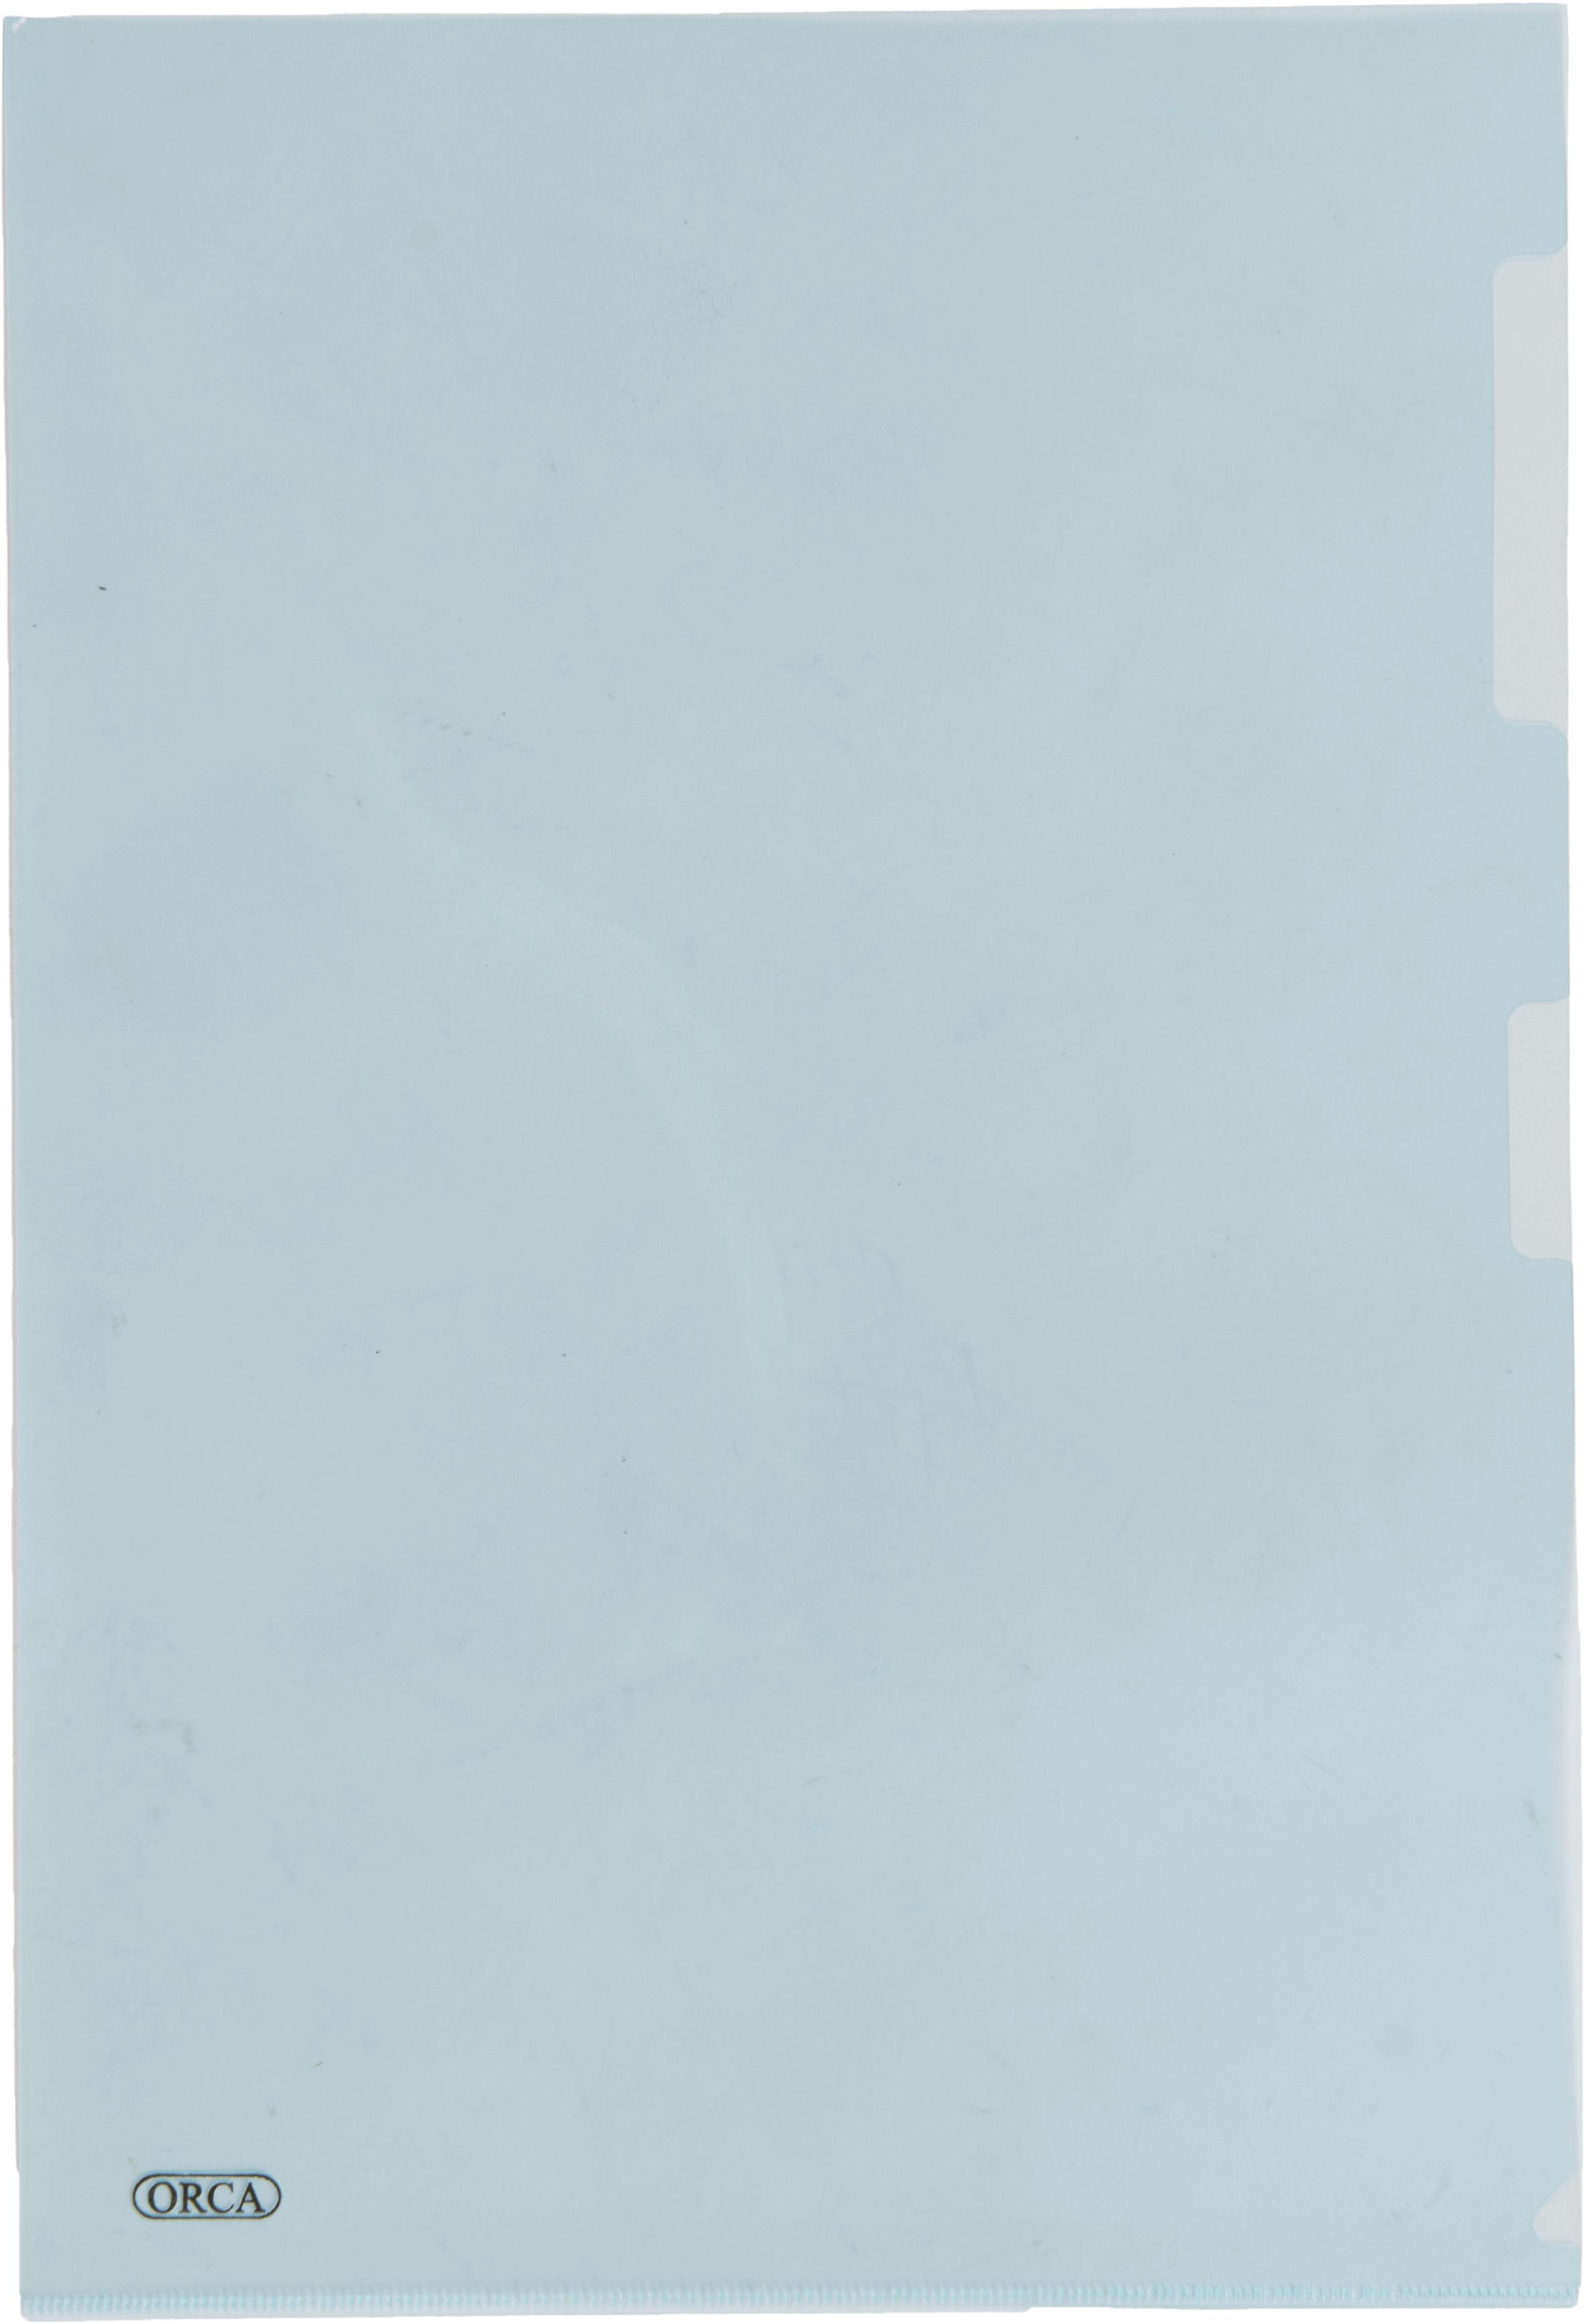 แฟ้มซองพลาสติก Orca 1 ชั้น สีฟ้า F4